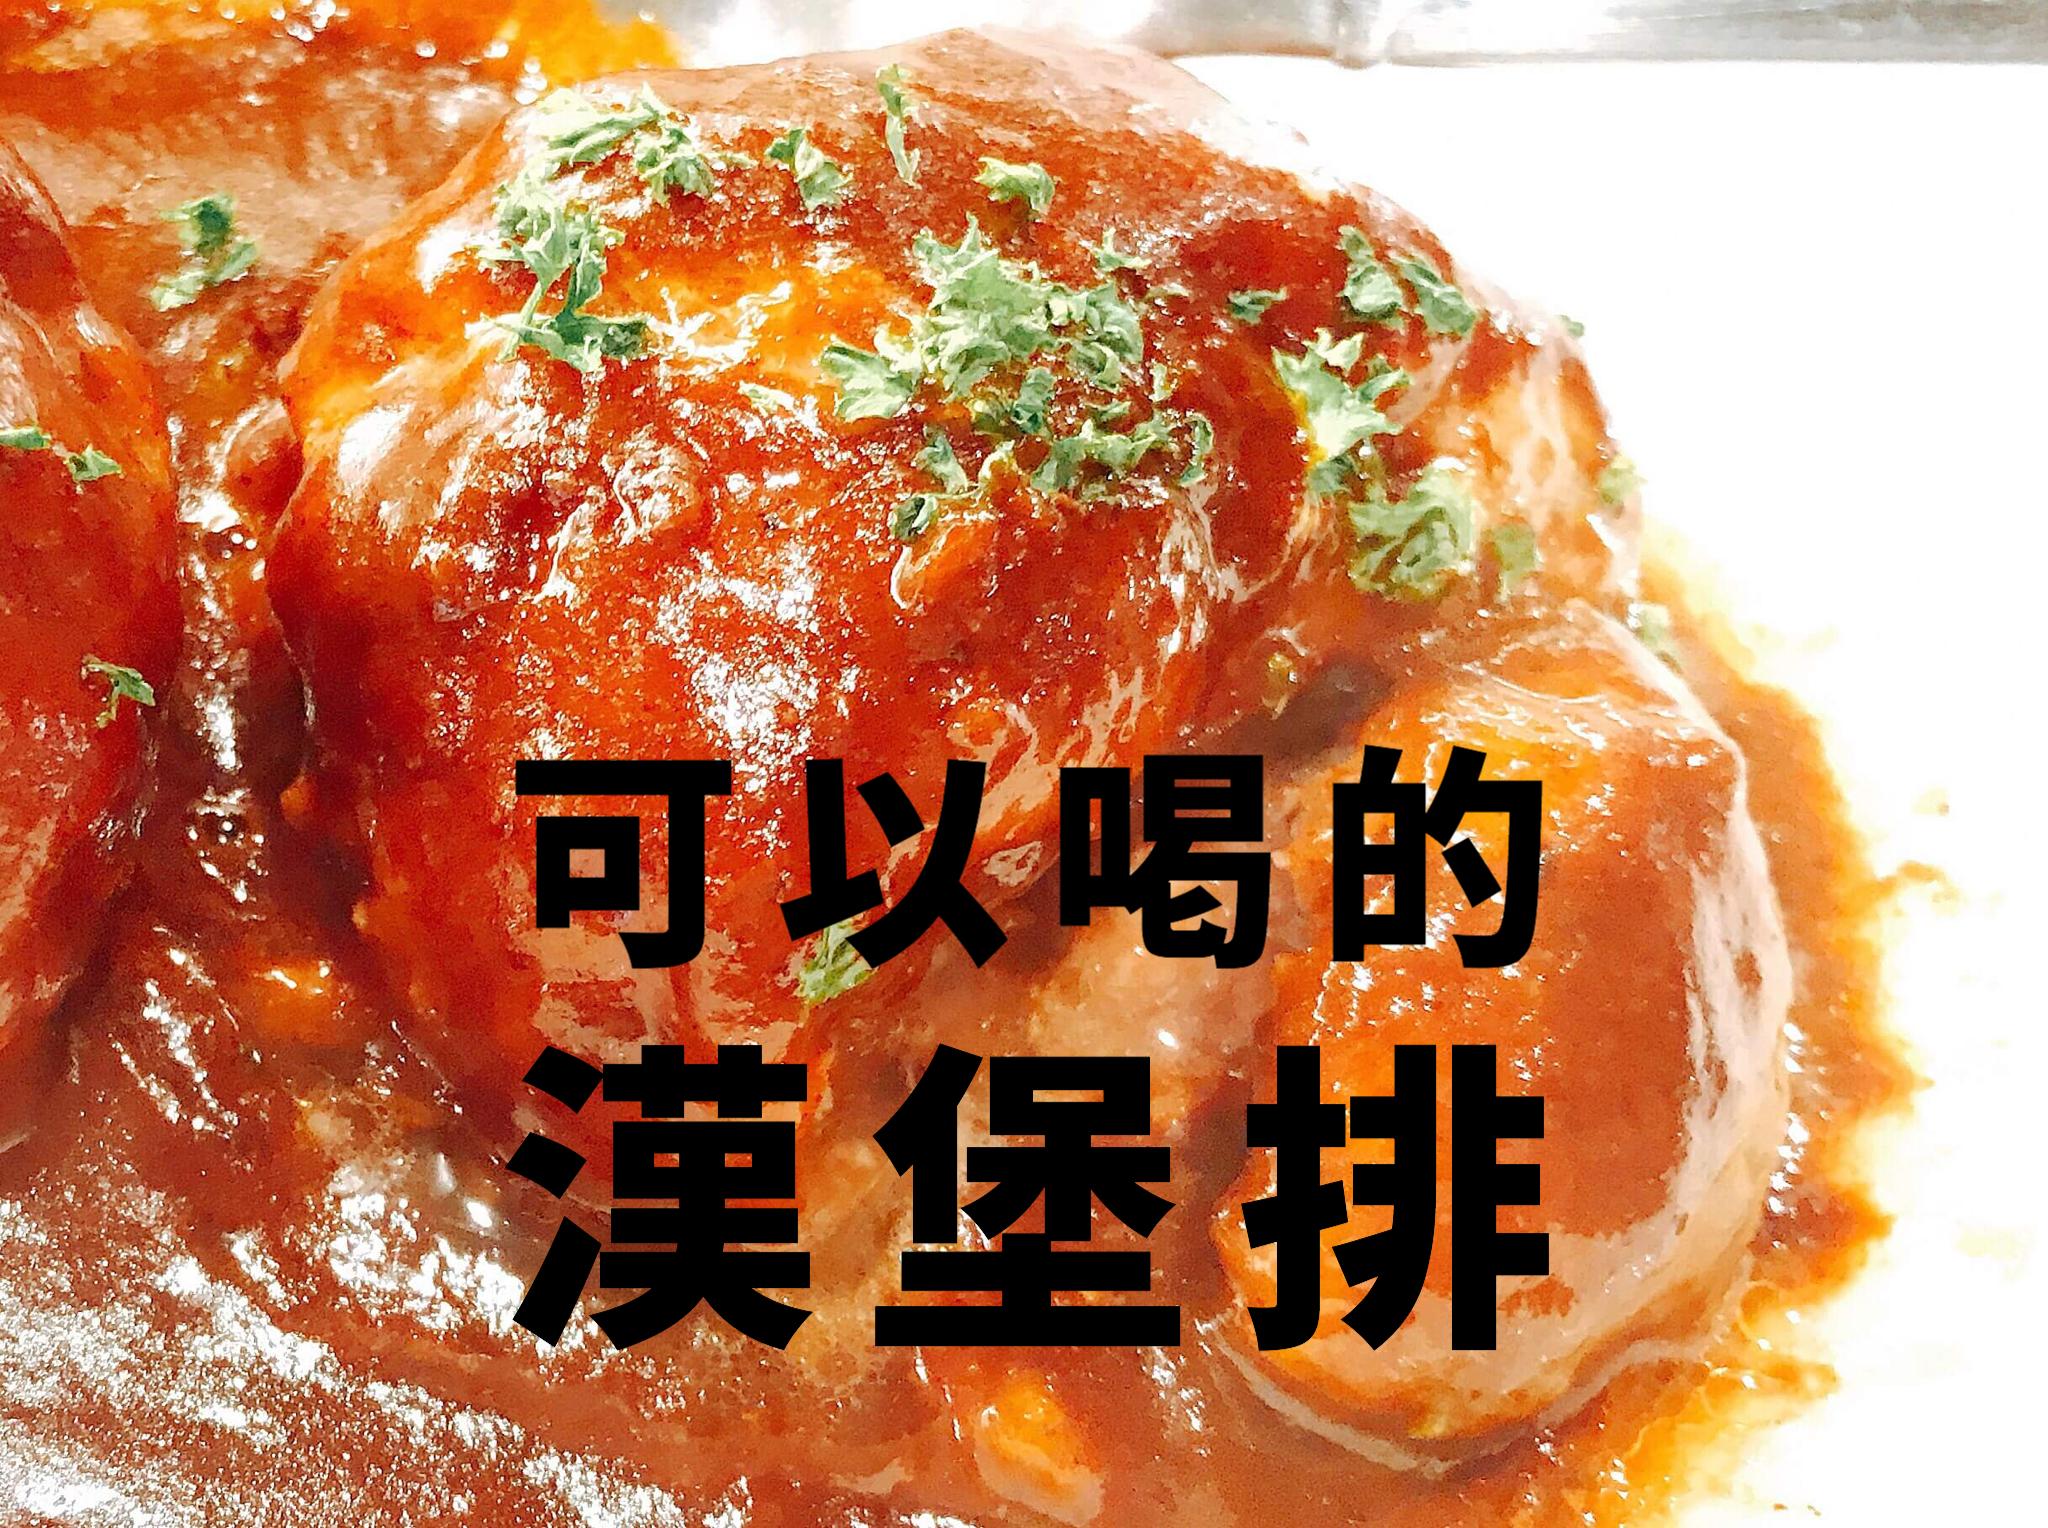 西班牙小酒館 將泰庵(肉バルSHOUTAIAN)@澀谷